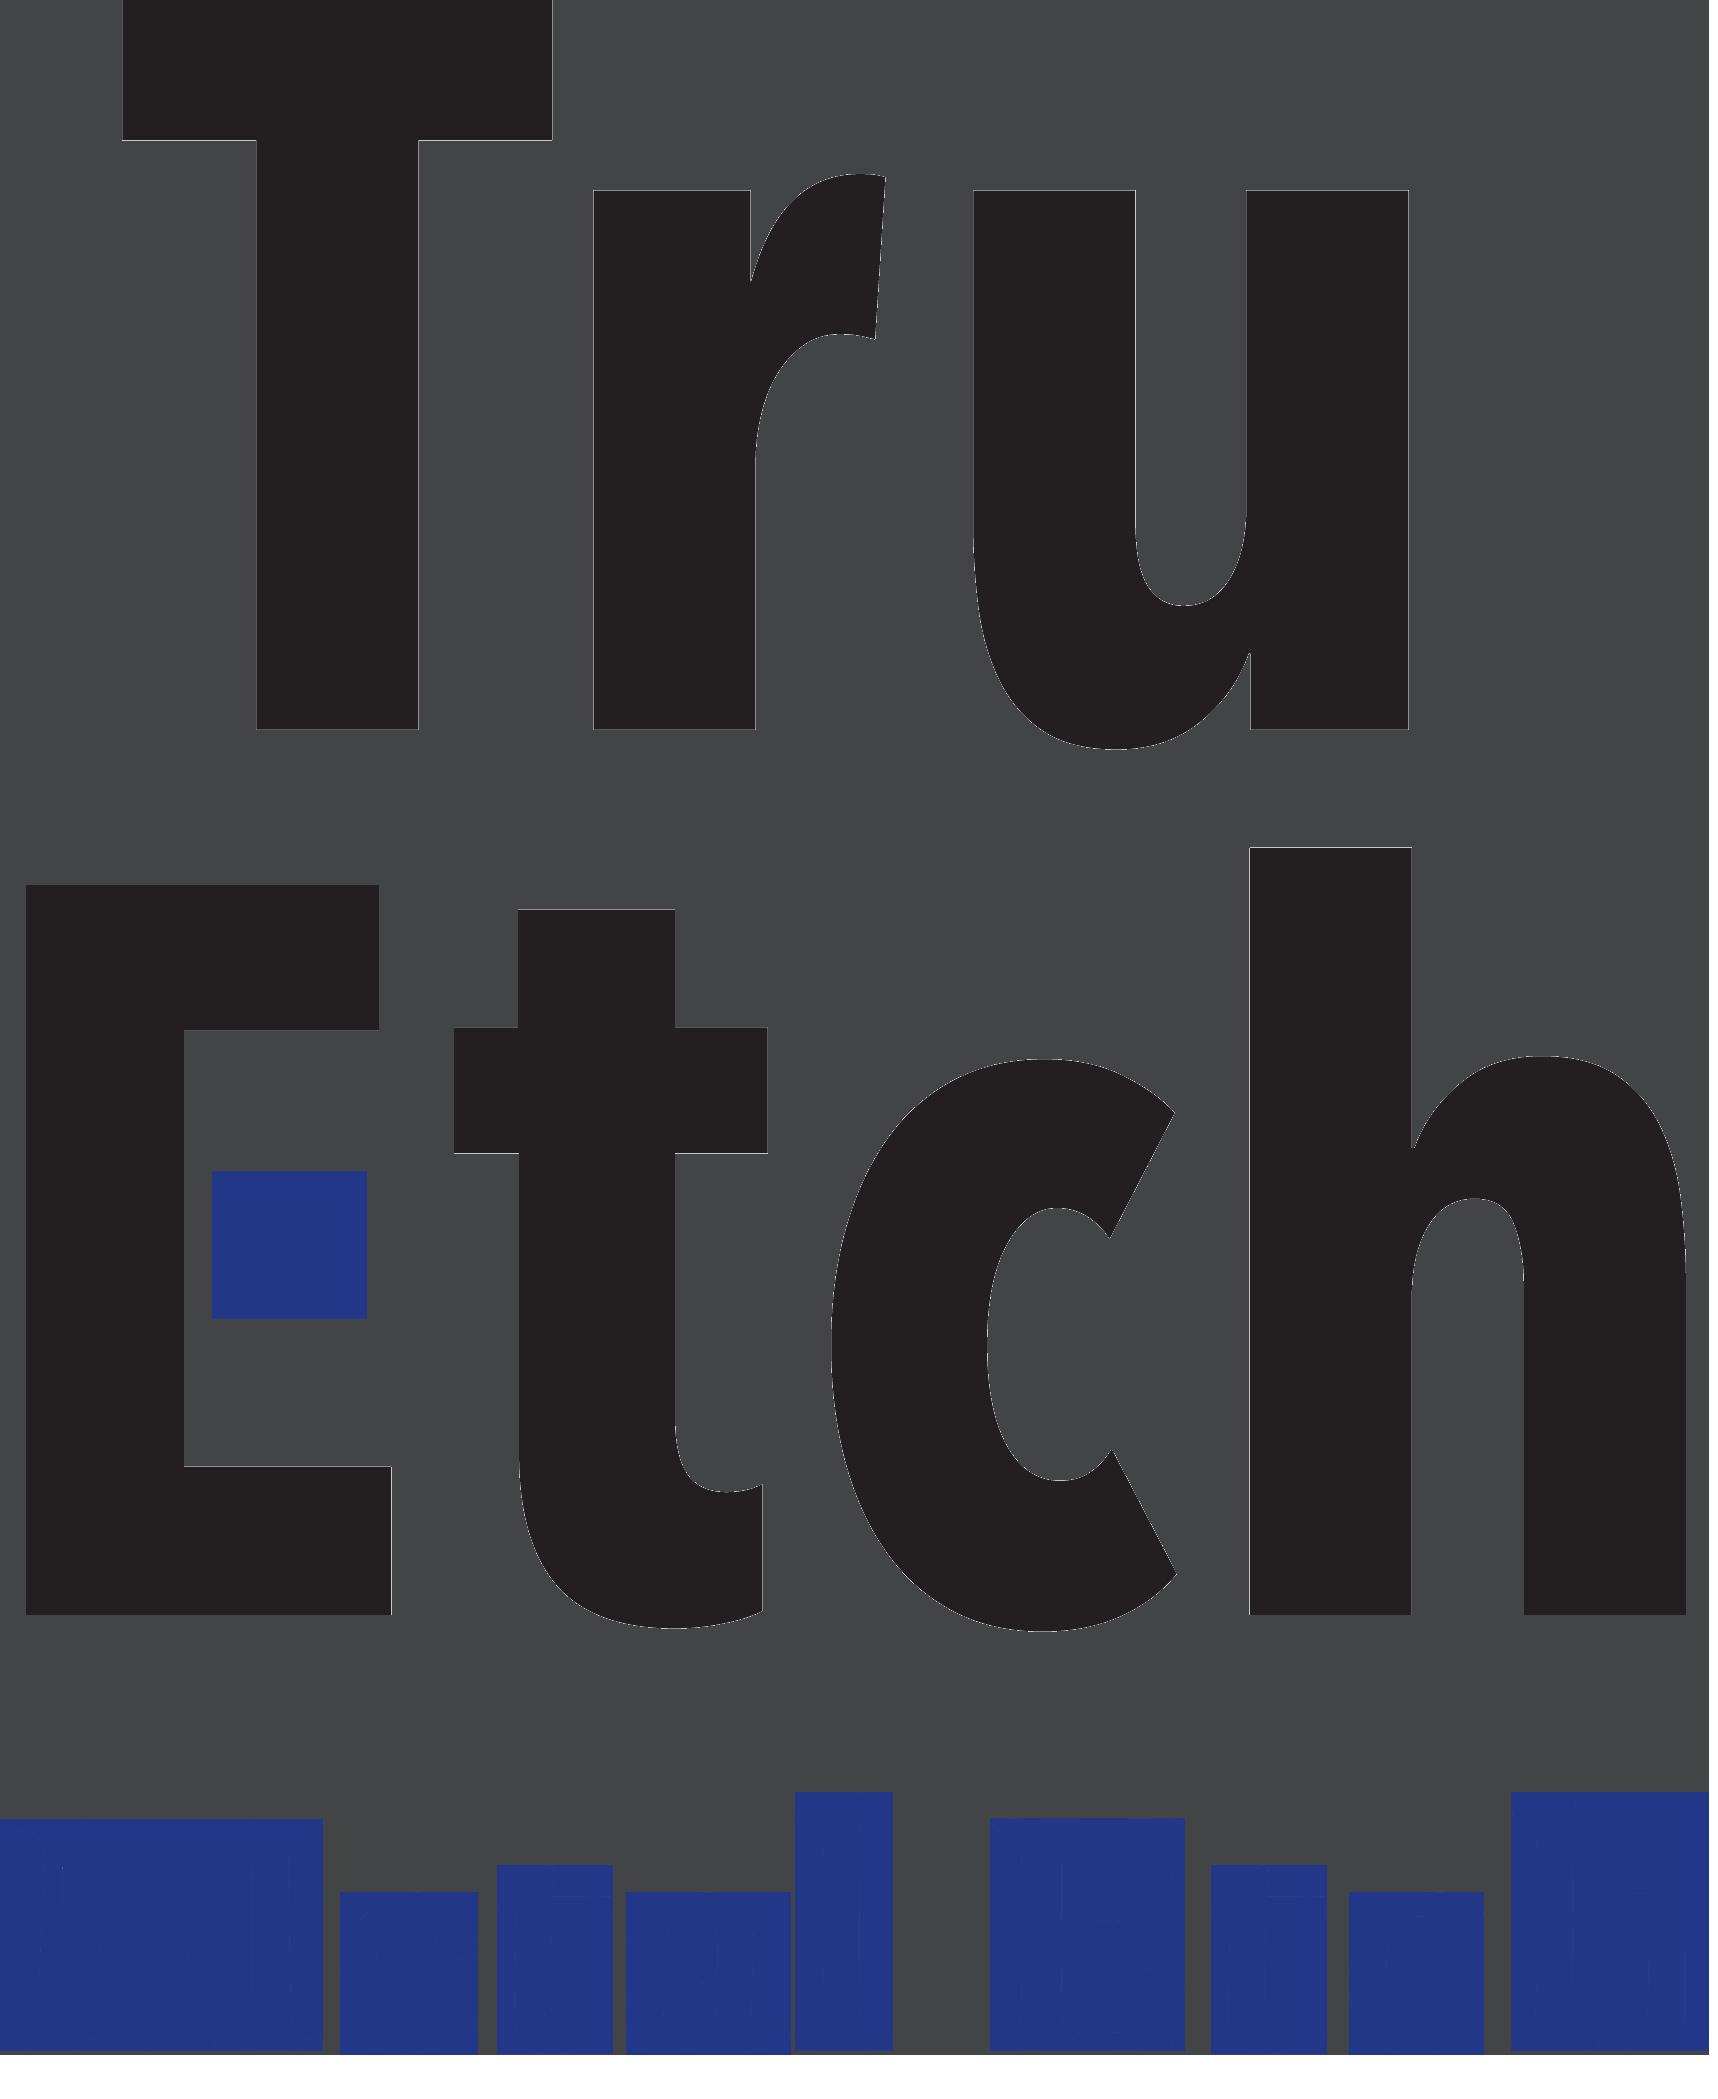 Logo-TruEtch_web